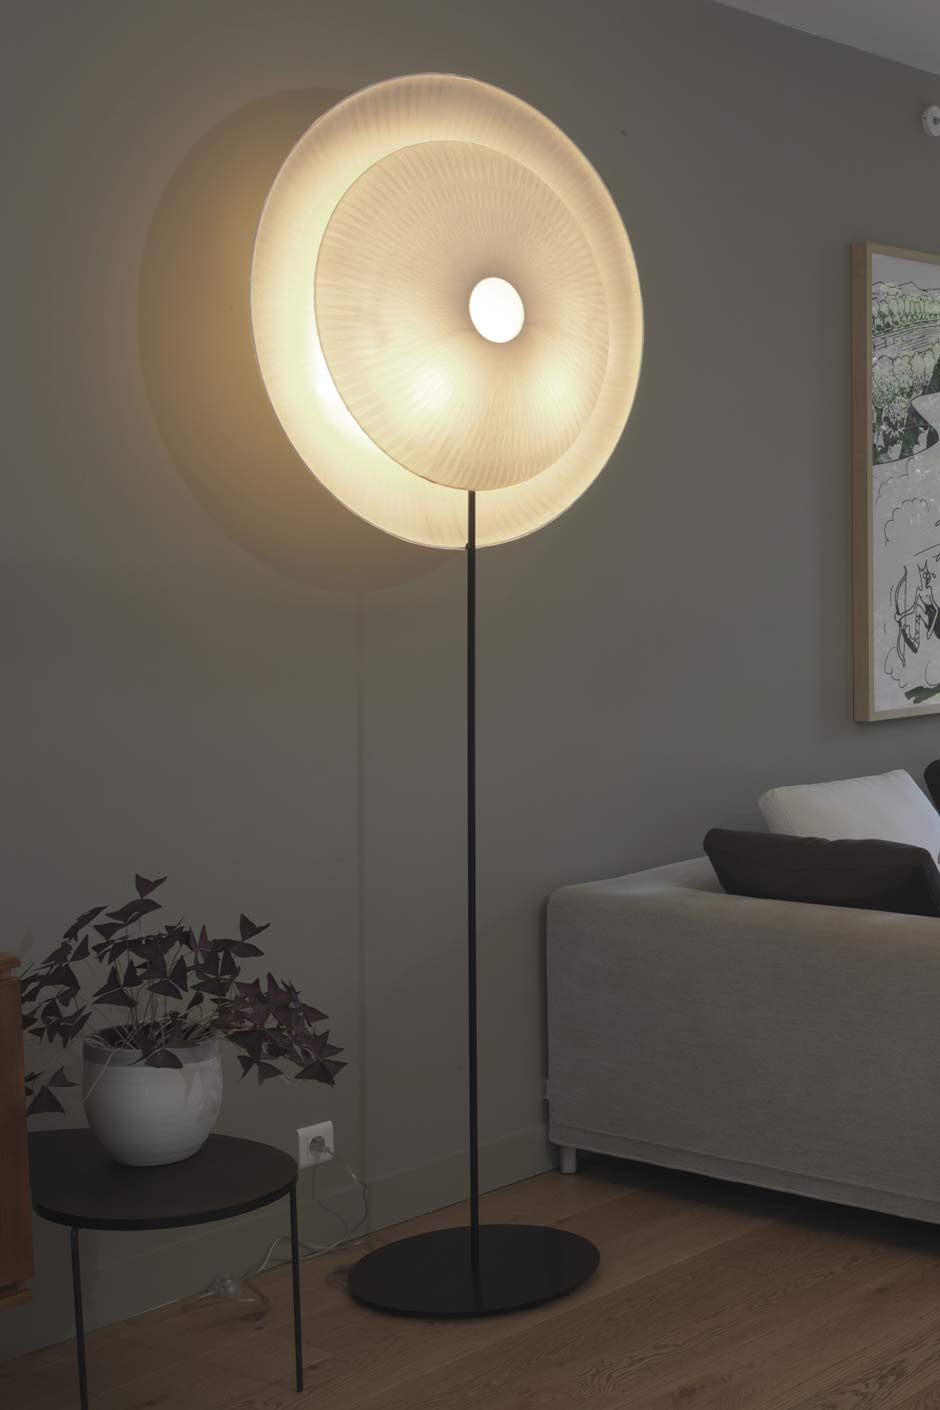 Lampe Suspension Papier Design design floor lamp in japanese paper